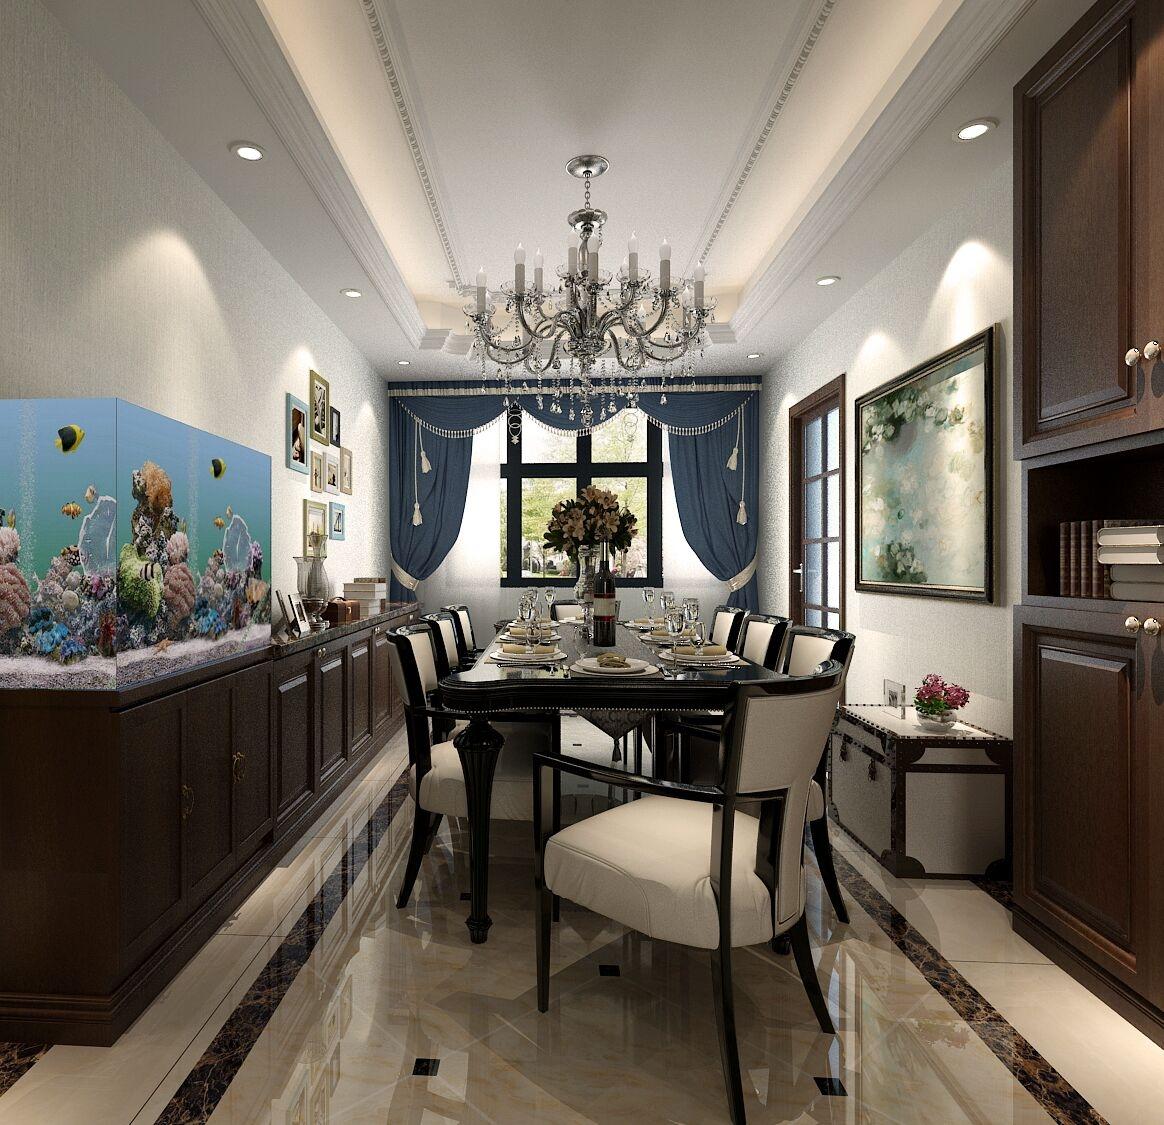 设计理念:家的舒适,不仅来源于基本装饰和搭配,更源于细节装出来的韵味。后期的家具与配饰,在空间中更是发挥了画龙点晴的作用。如此阳光明媚的客厅,身处其中很温暖。家的舒适,不仅来源于基本装饰和搭配,更源于细节装出来的韵味。后期的家具与配饰,在空间中更是发挥了画龙点晴的作用。如此阳光明媚的客厅,身处其中很温暖。